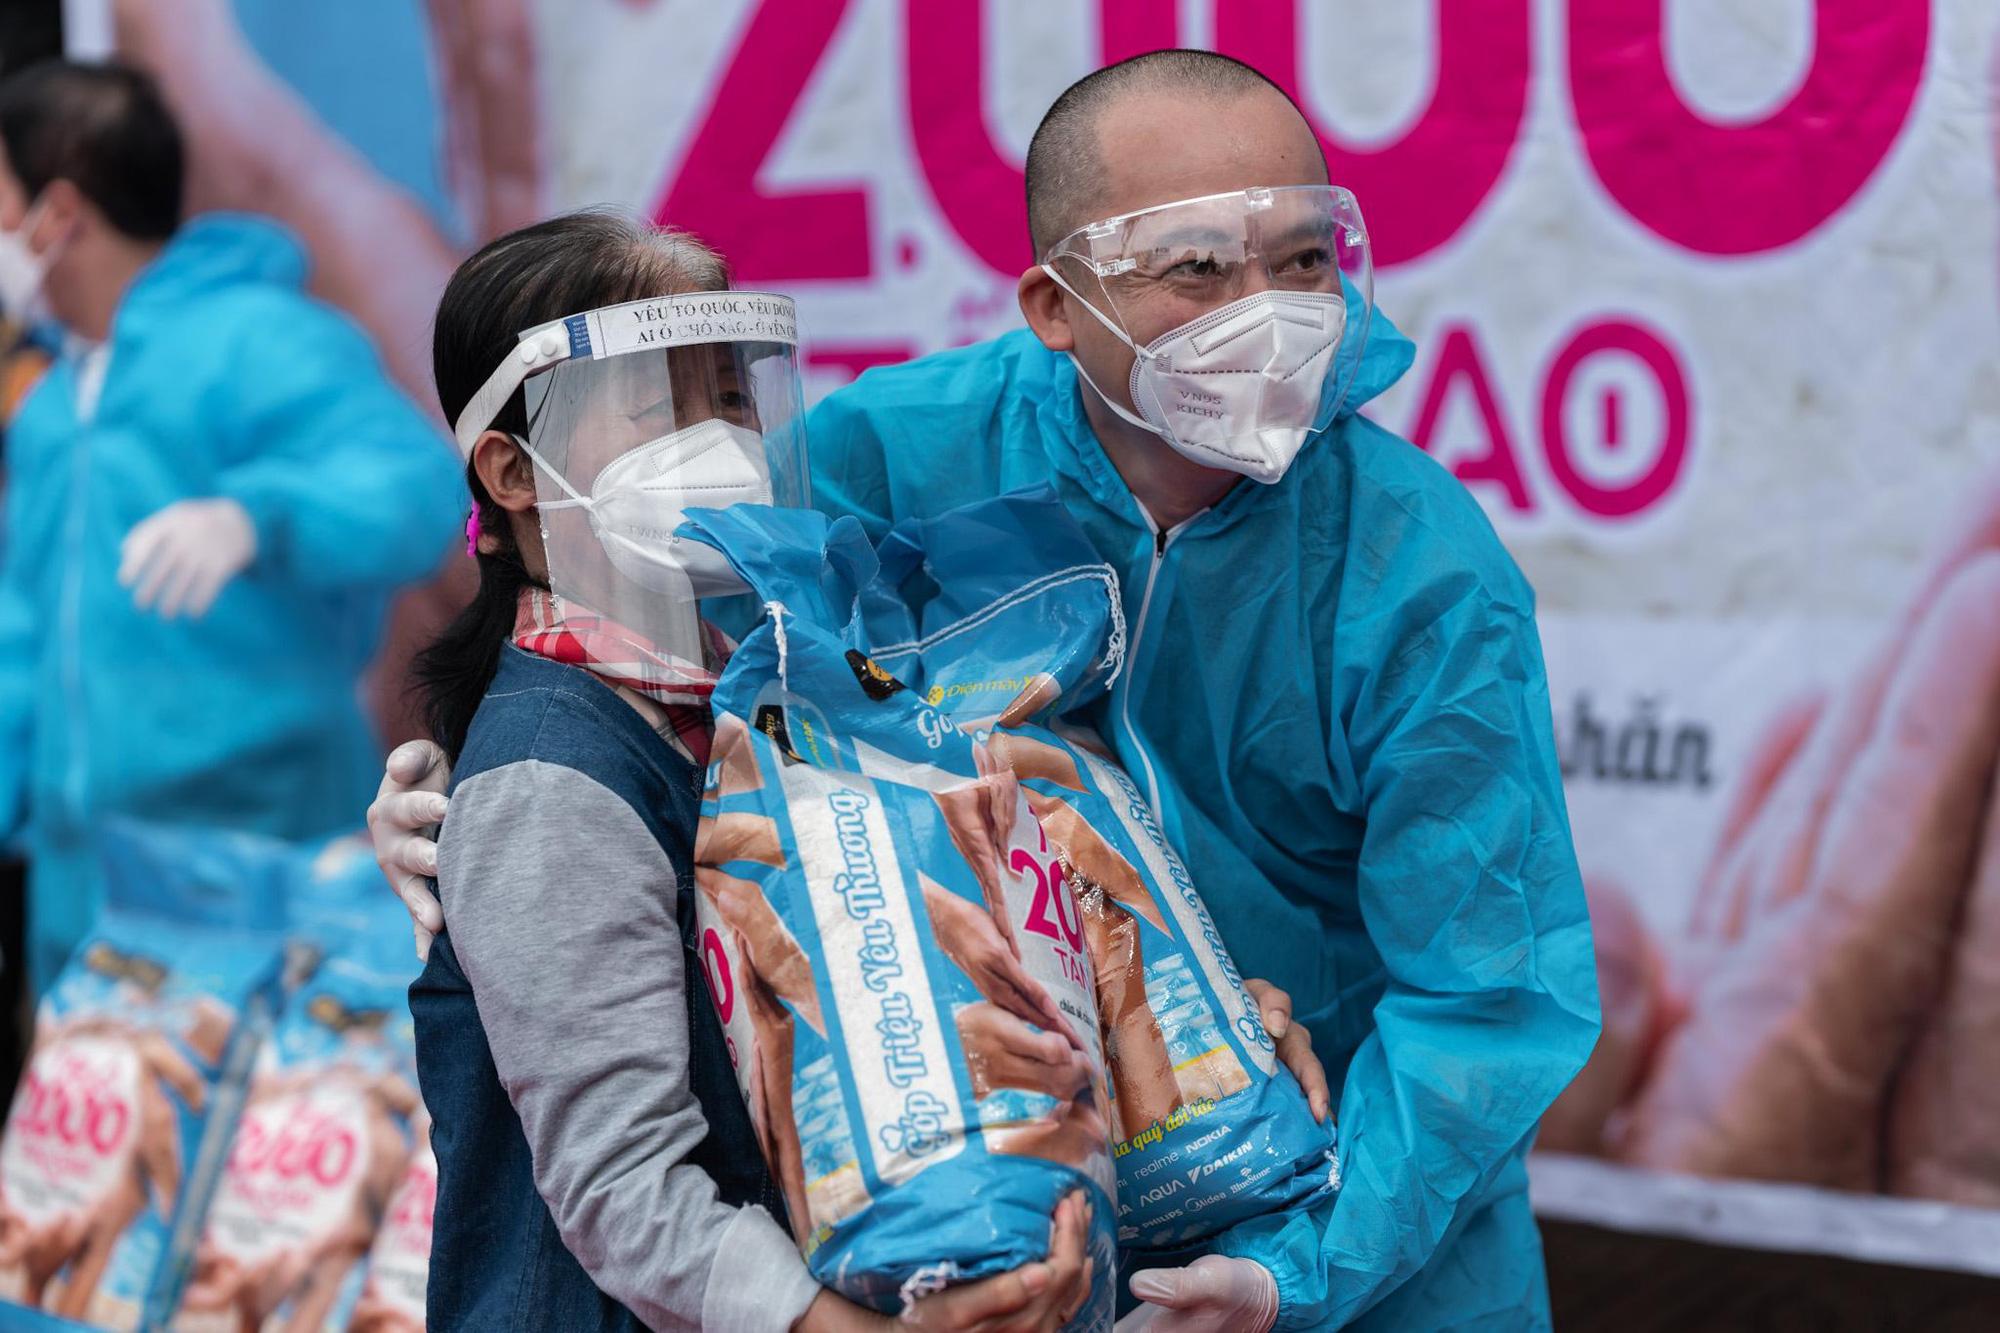 Thế Giới Di Động và Điện máy Xanh trao tặng 2.000 tấn gạo, triệu bữa ăn no - Ảnh 1.